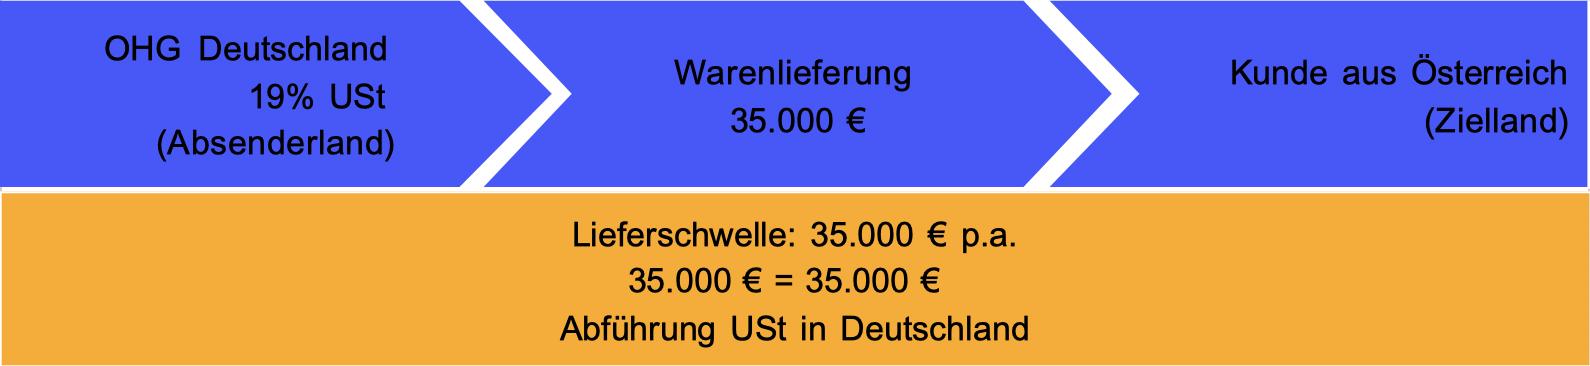 Versand aus Deutschland nach Österreich